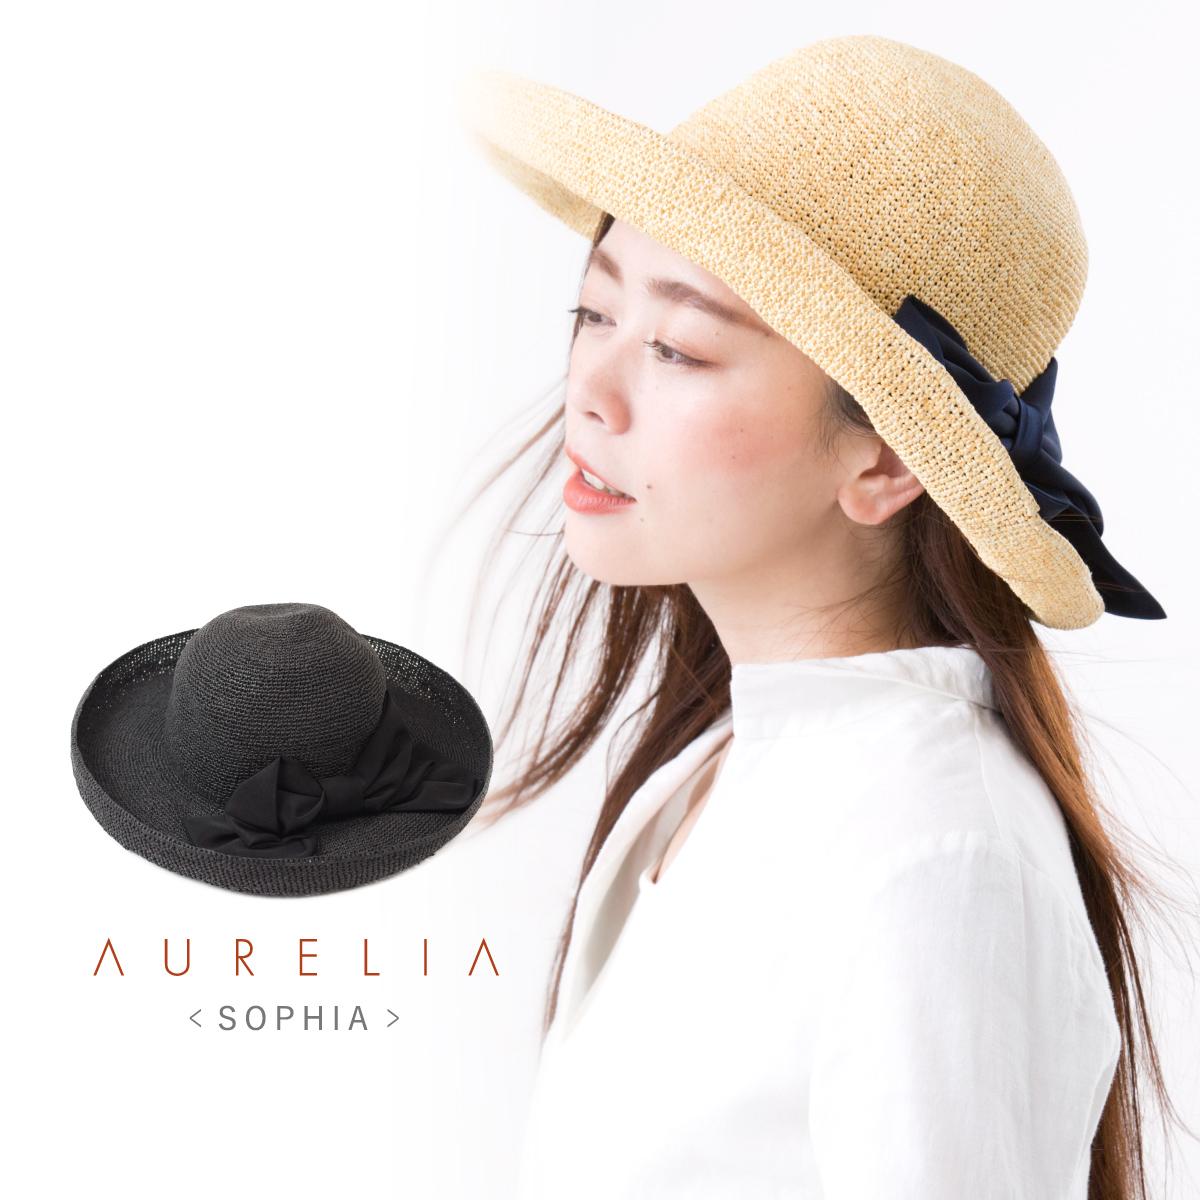 帽子 レディース アウレリア つば広 リボン 和紙 折りたたみ 母の日 ブリムアップキャペリンハット AURELIA 日本製 ギフト 誕生日 お祝い 送料無料 2021 低価格化 SOPHIA